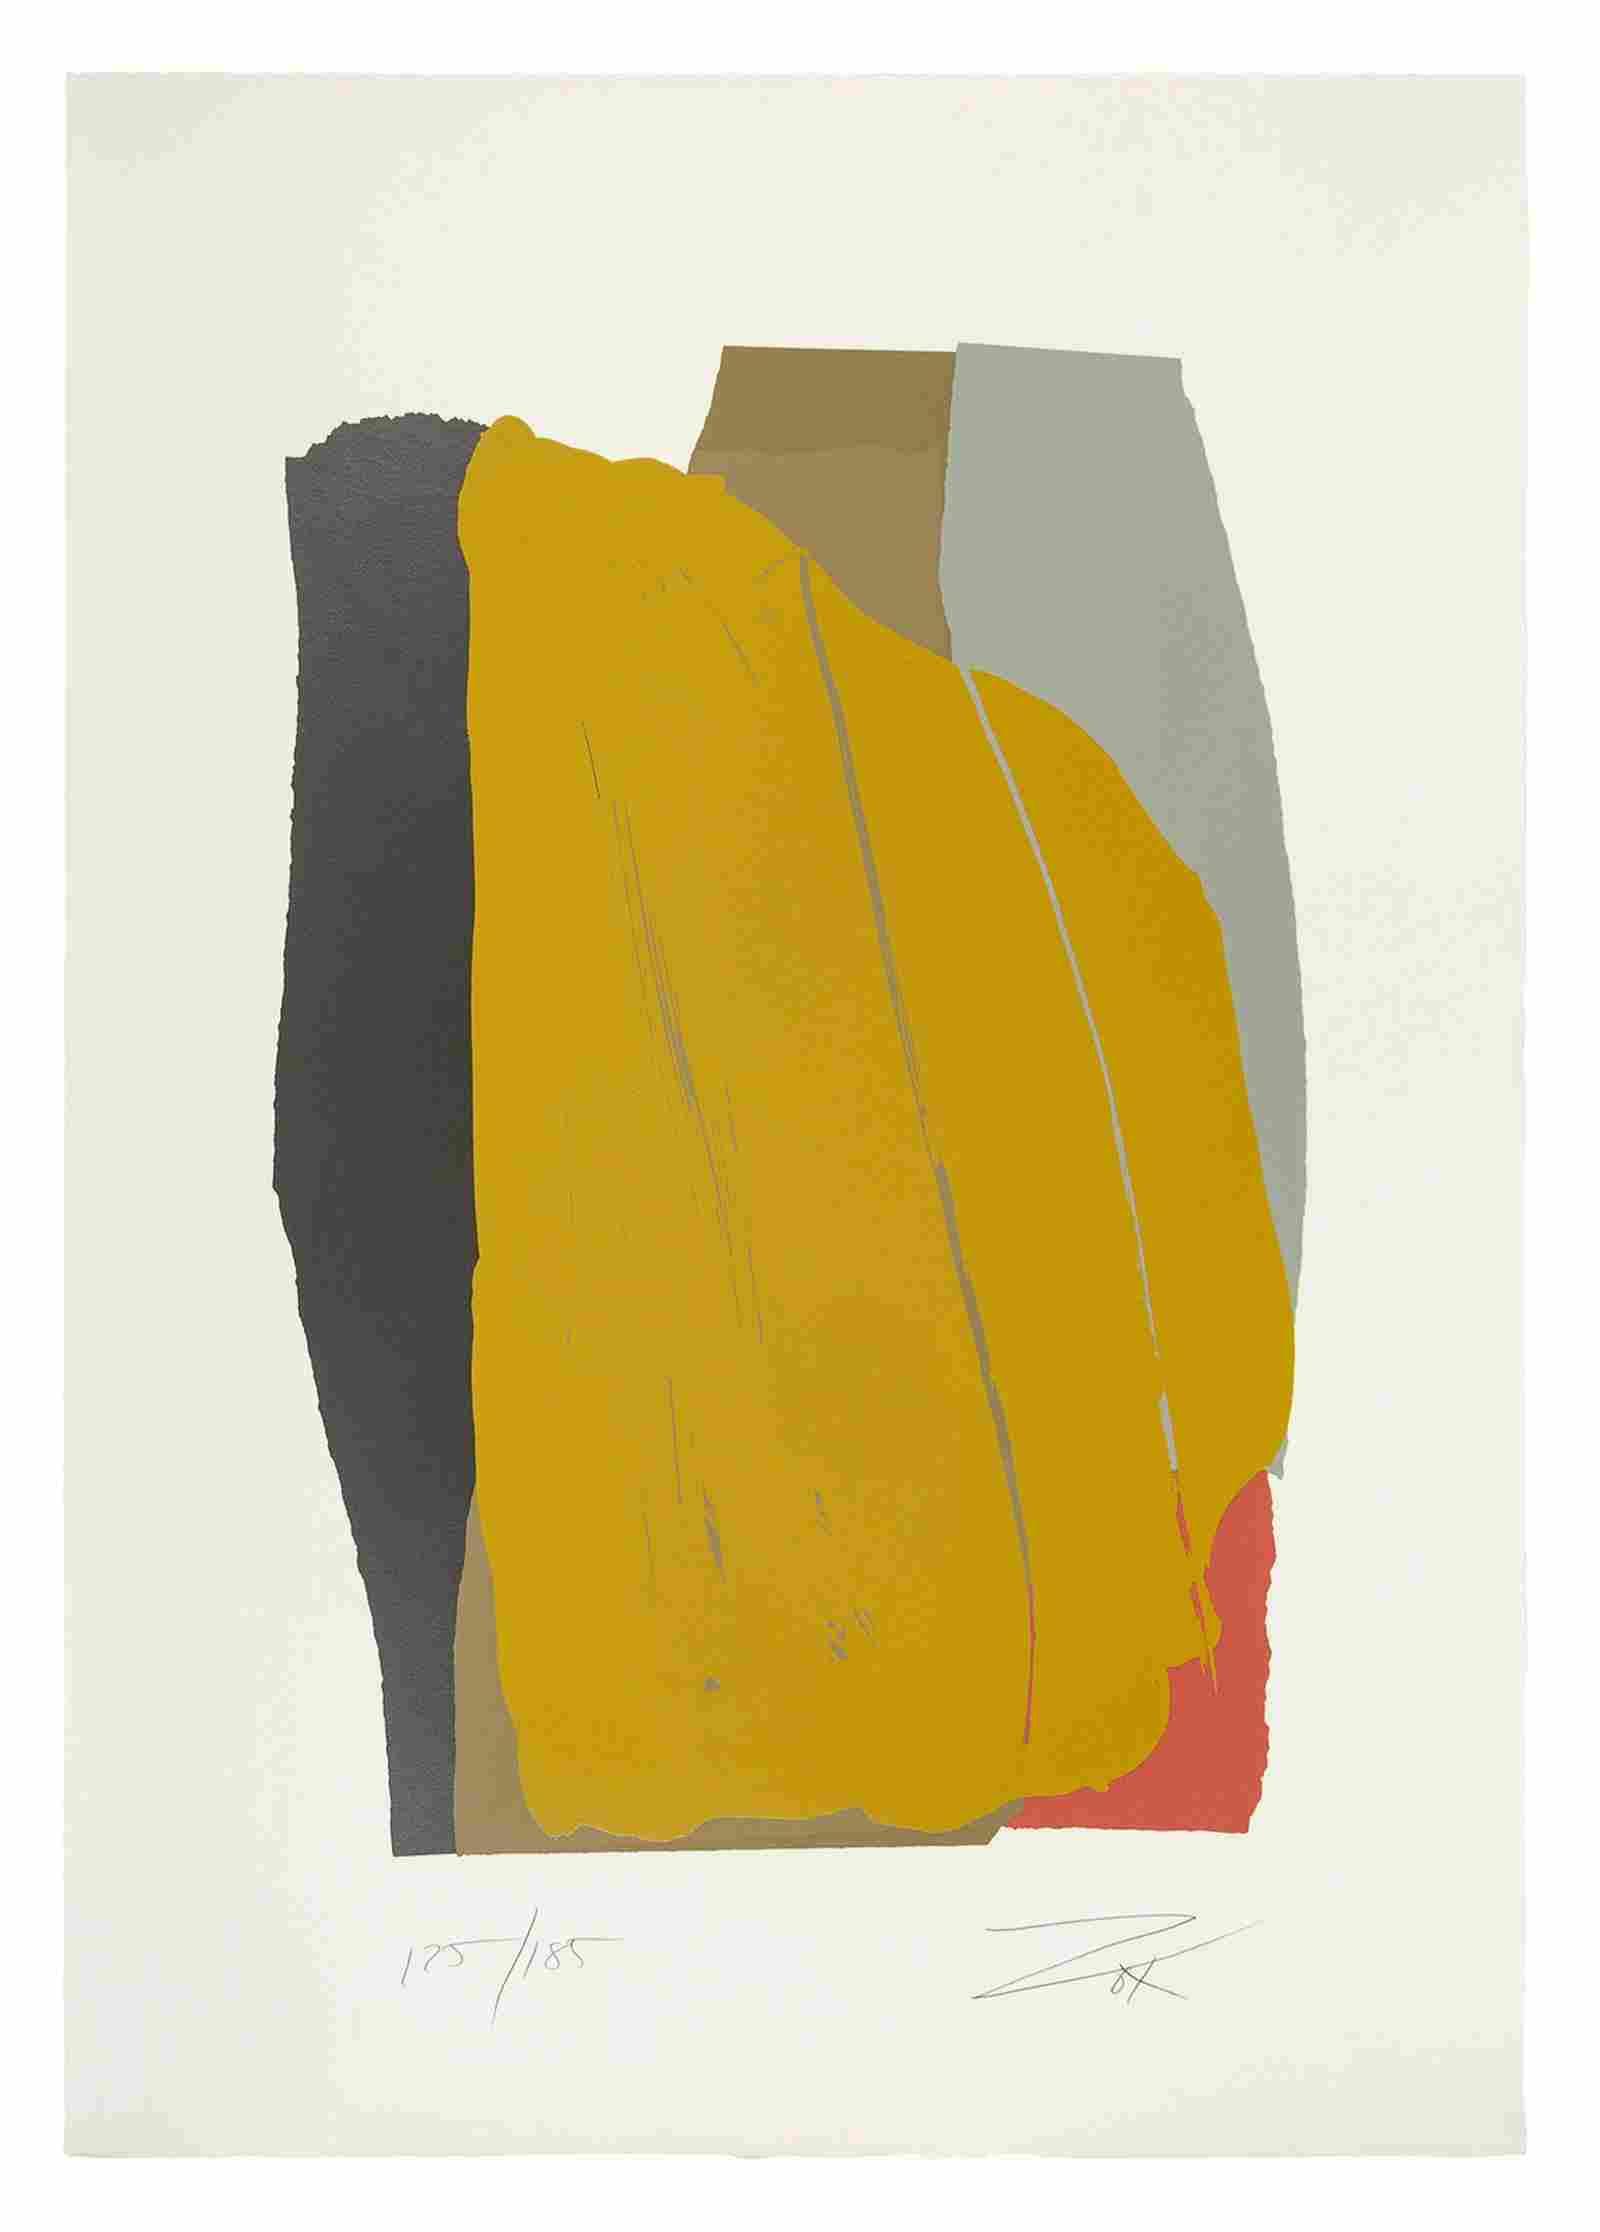 Larry Zox (American, 1937-2006) Odon II, 1981 ser